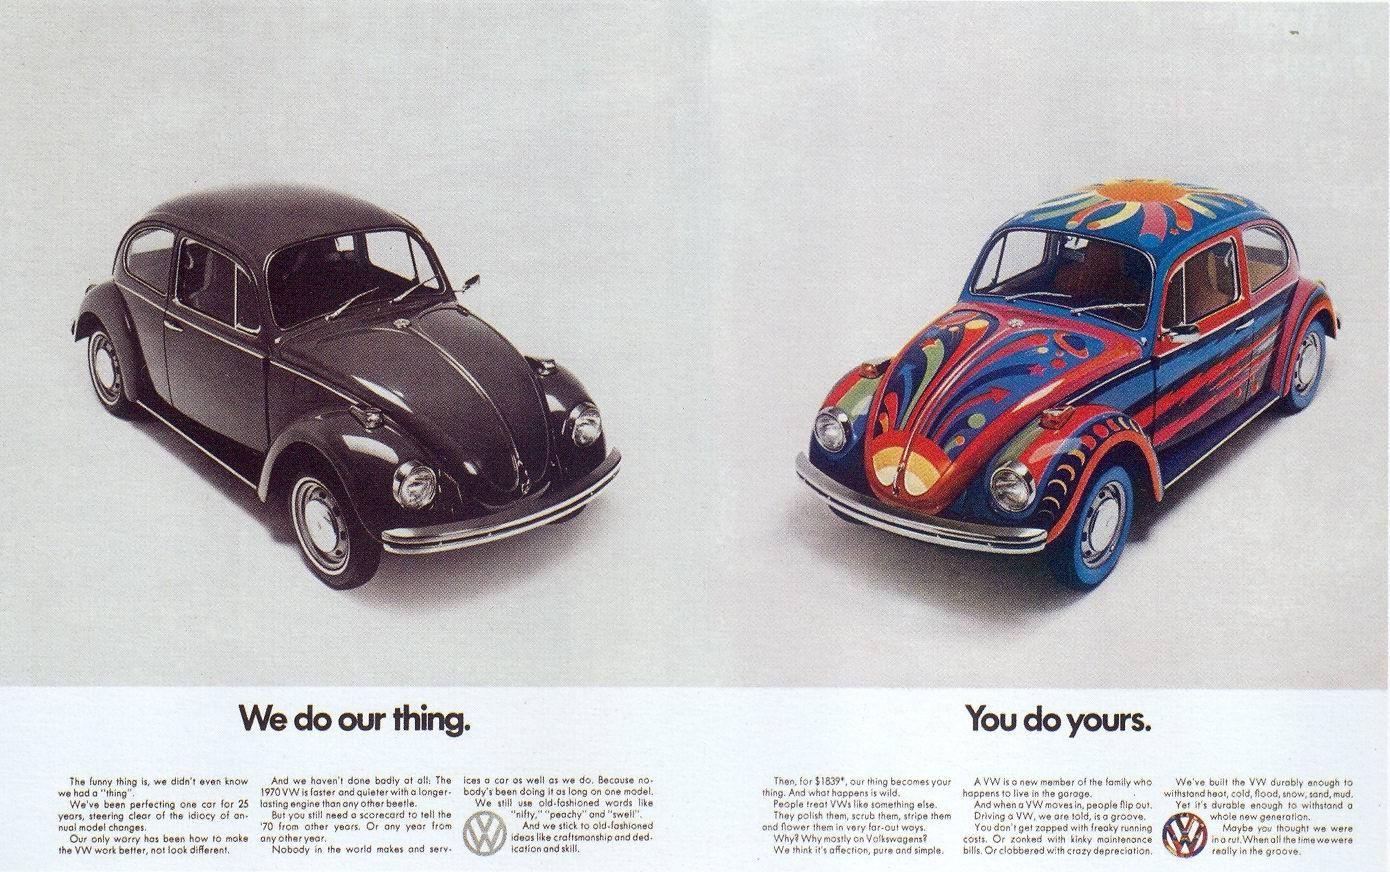 anuncios vintage para celebrar el 75º aniversario de Volkswagen